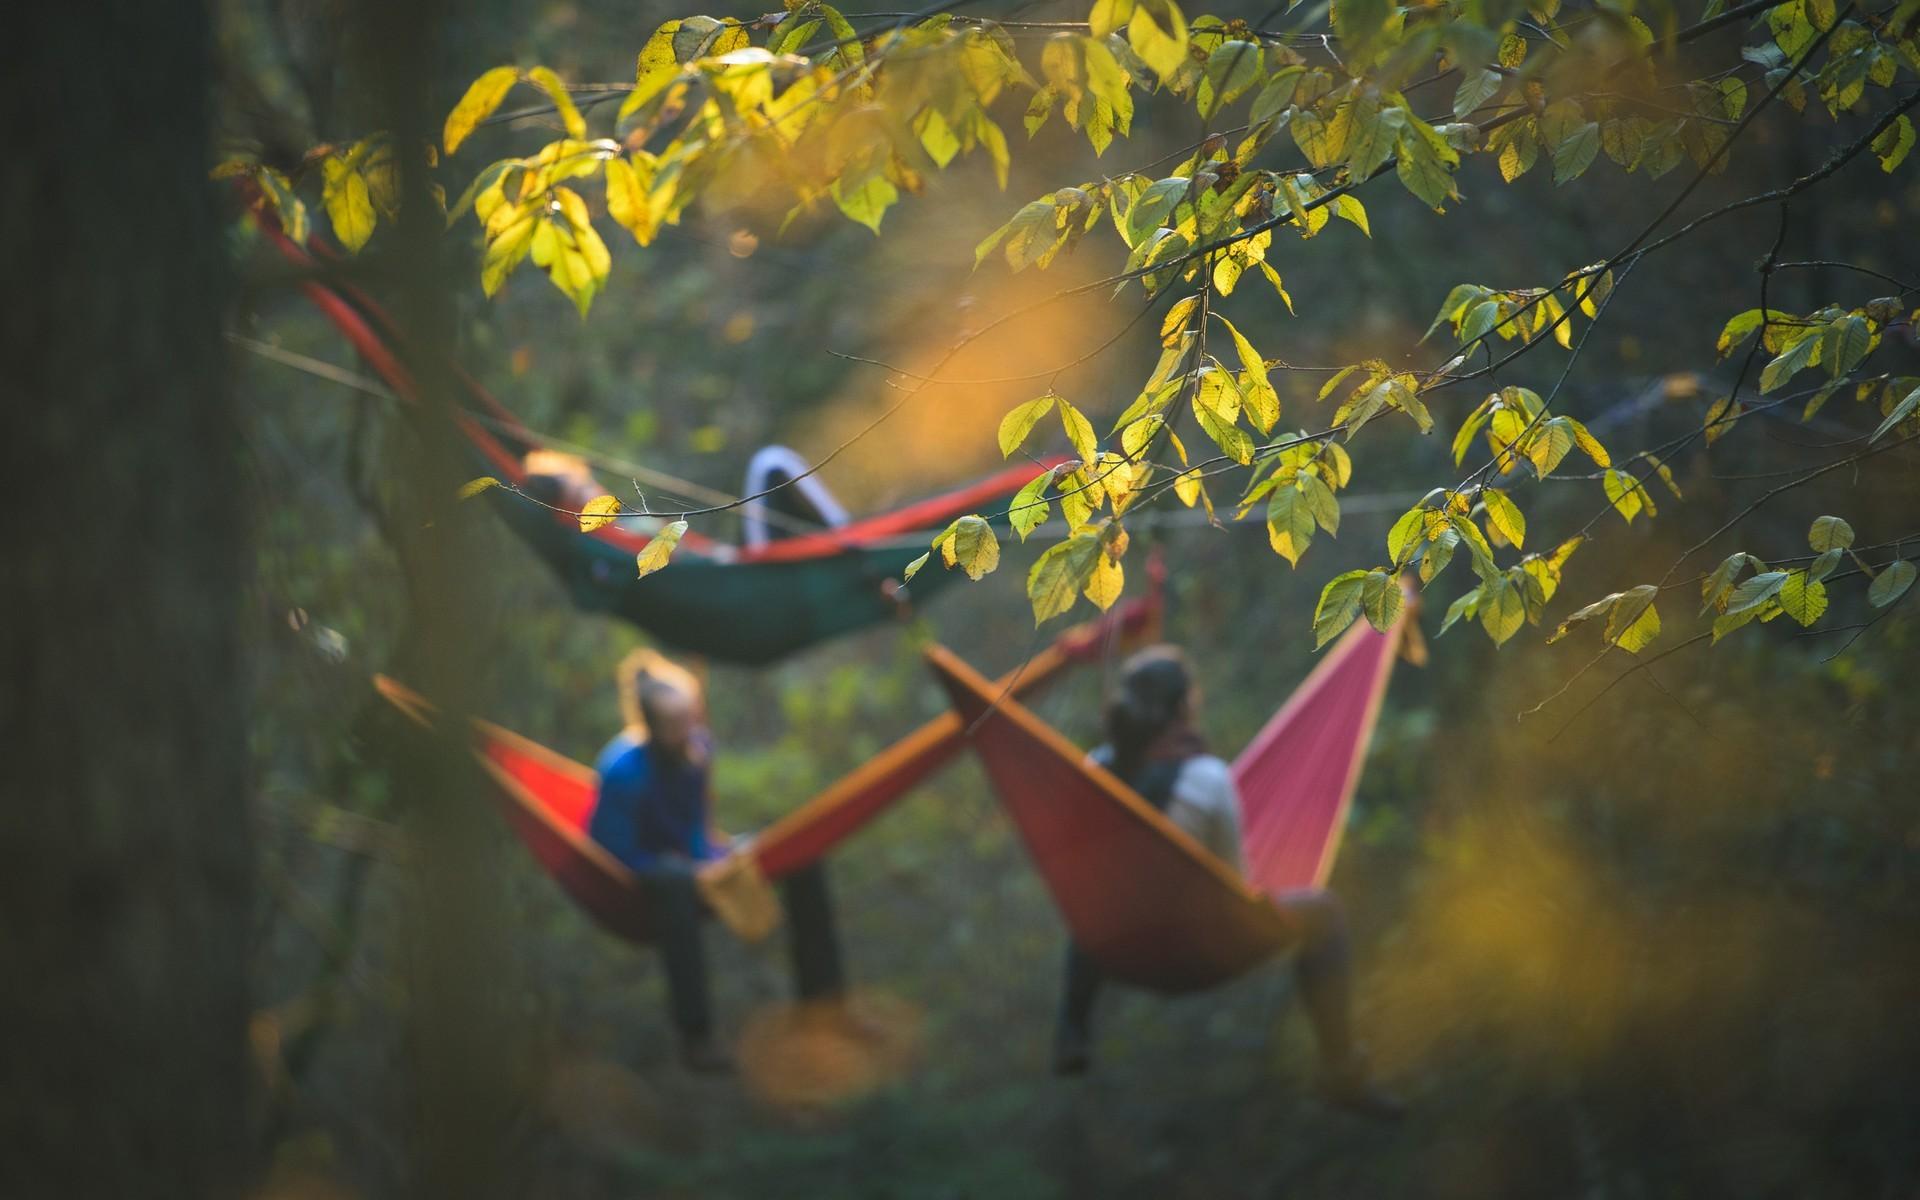 Три девушки в лагере гамаков среди деревьев.